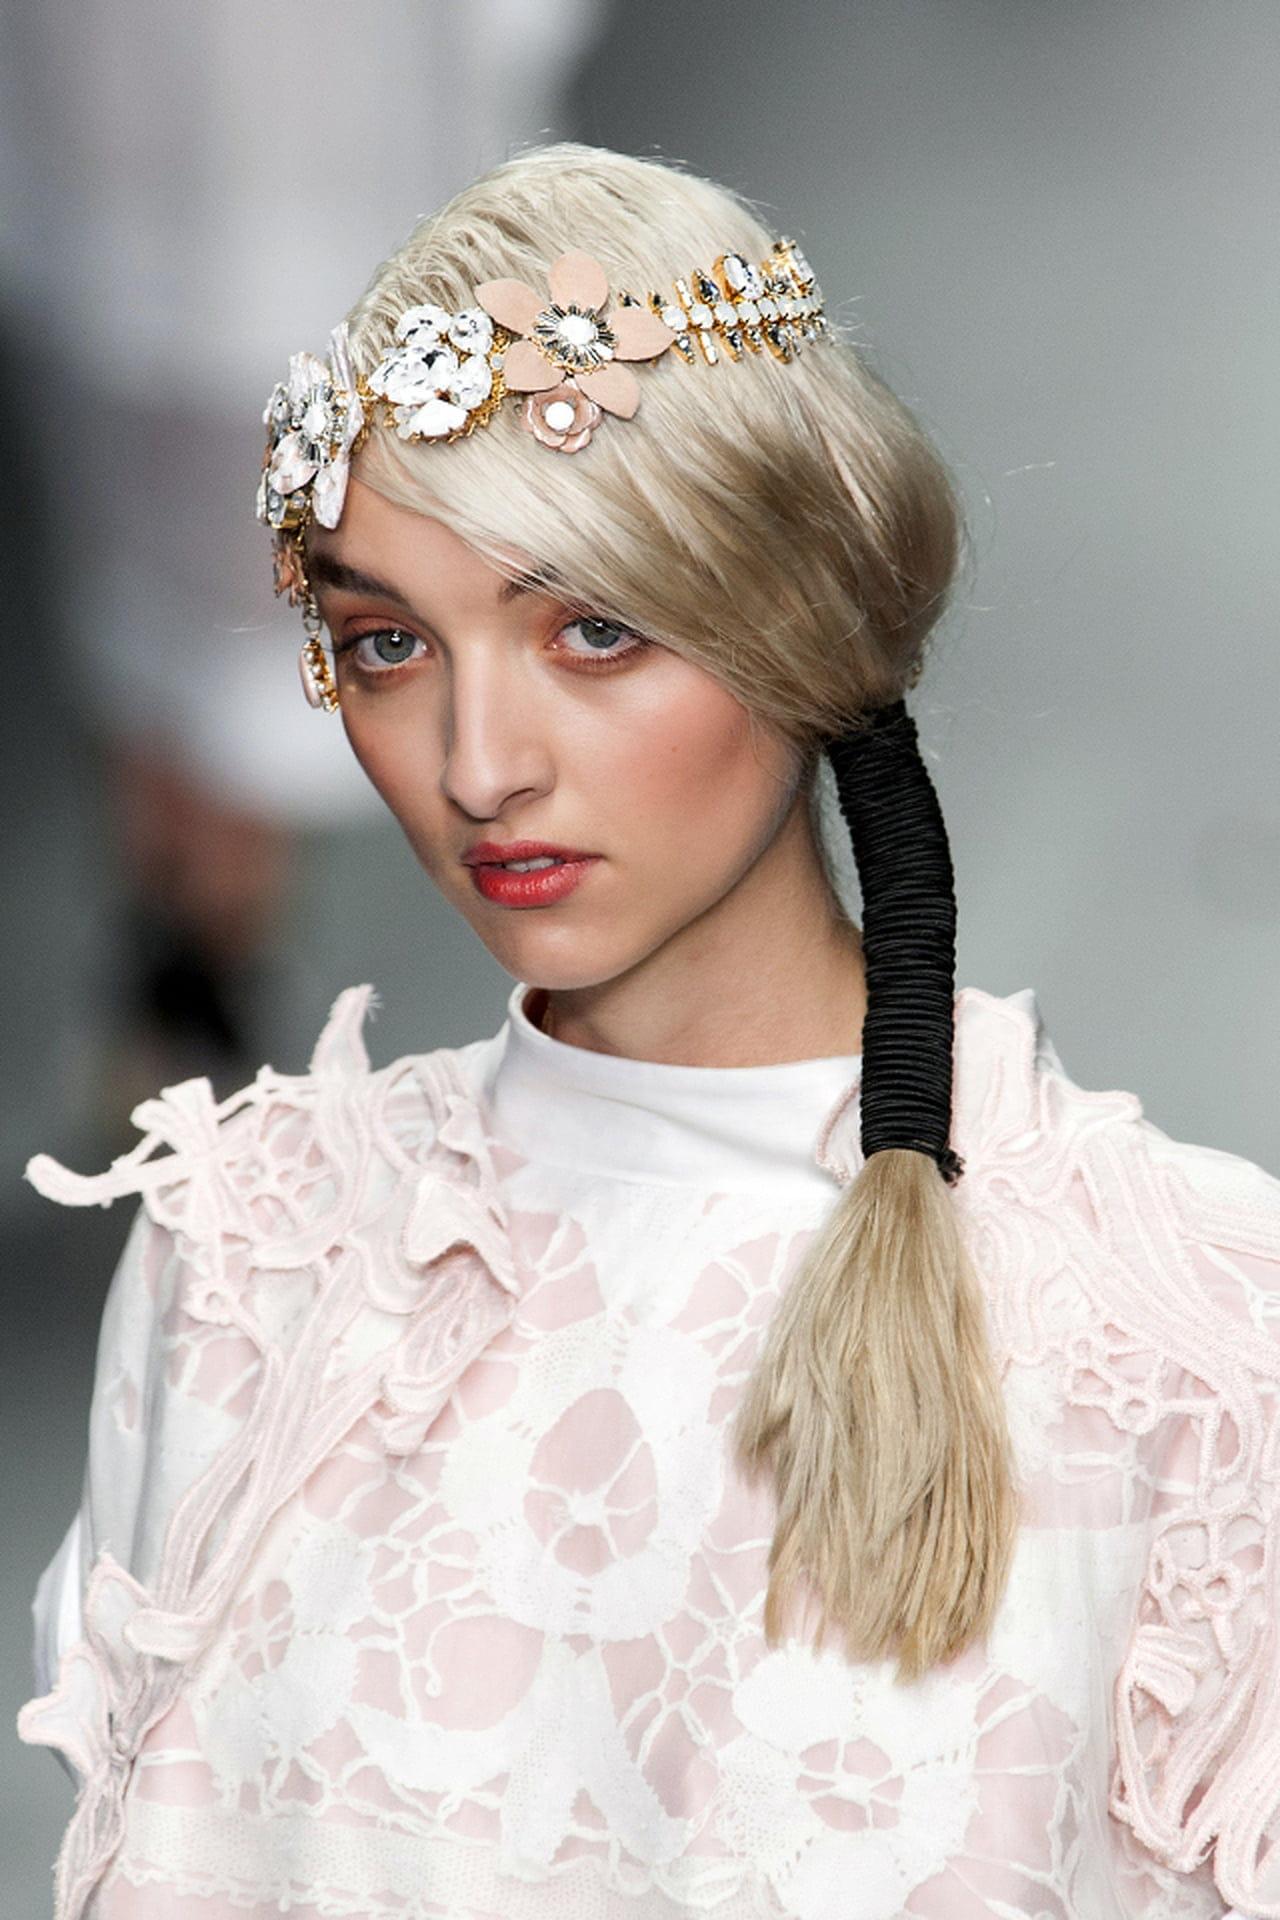 Acconciature capelli lunghi: le più belle - Magazine delle ...